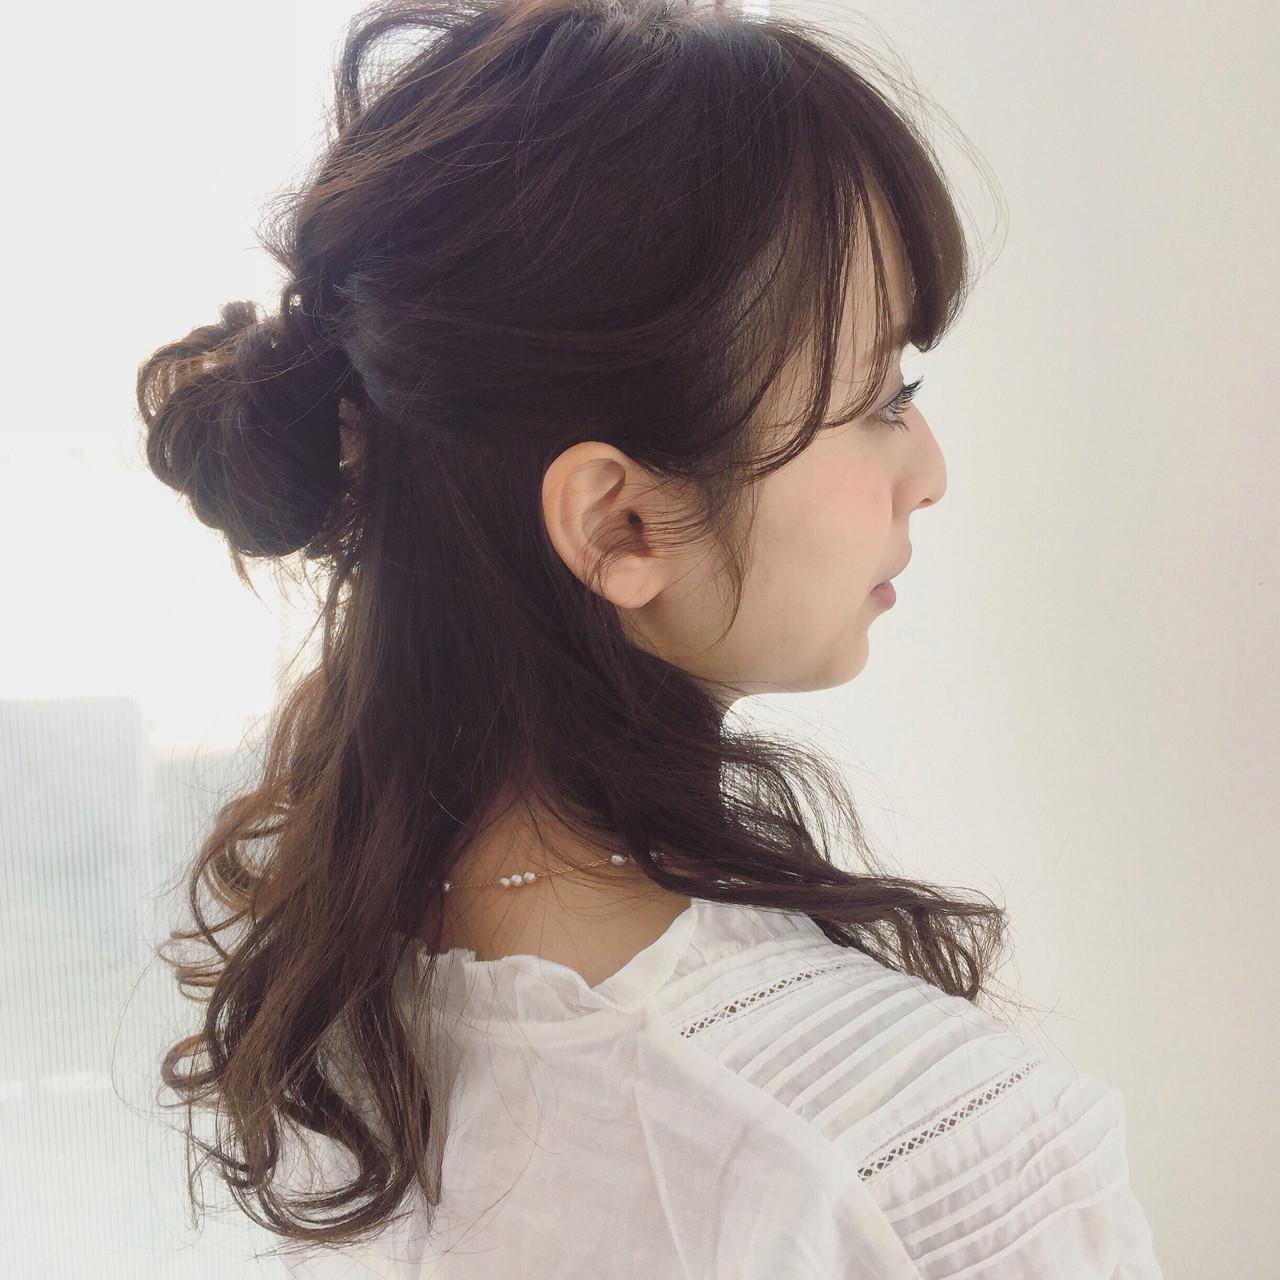 アップスタイル ルーズ ハーフアップ フェミニン ヘアスタイルや髪型の写真・画像